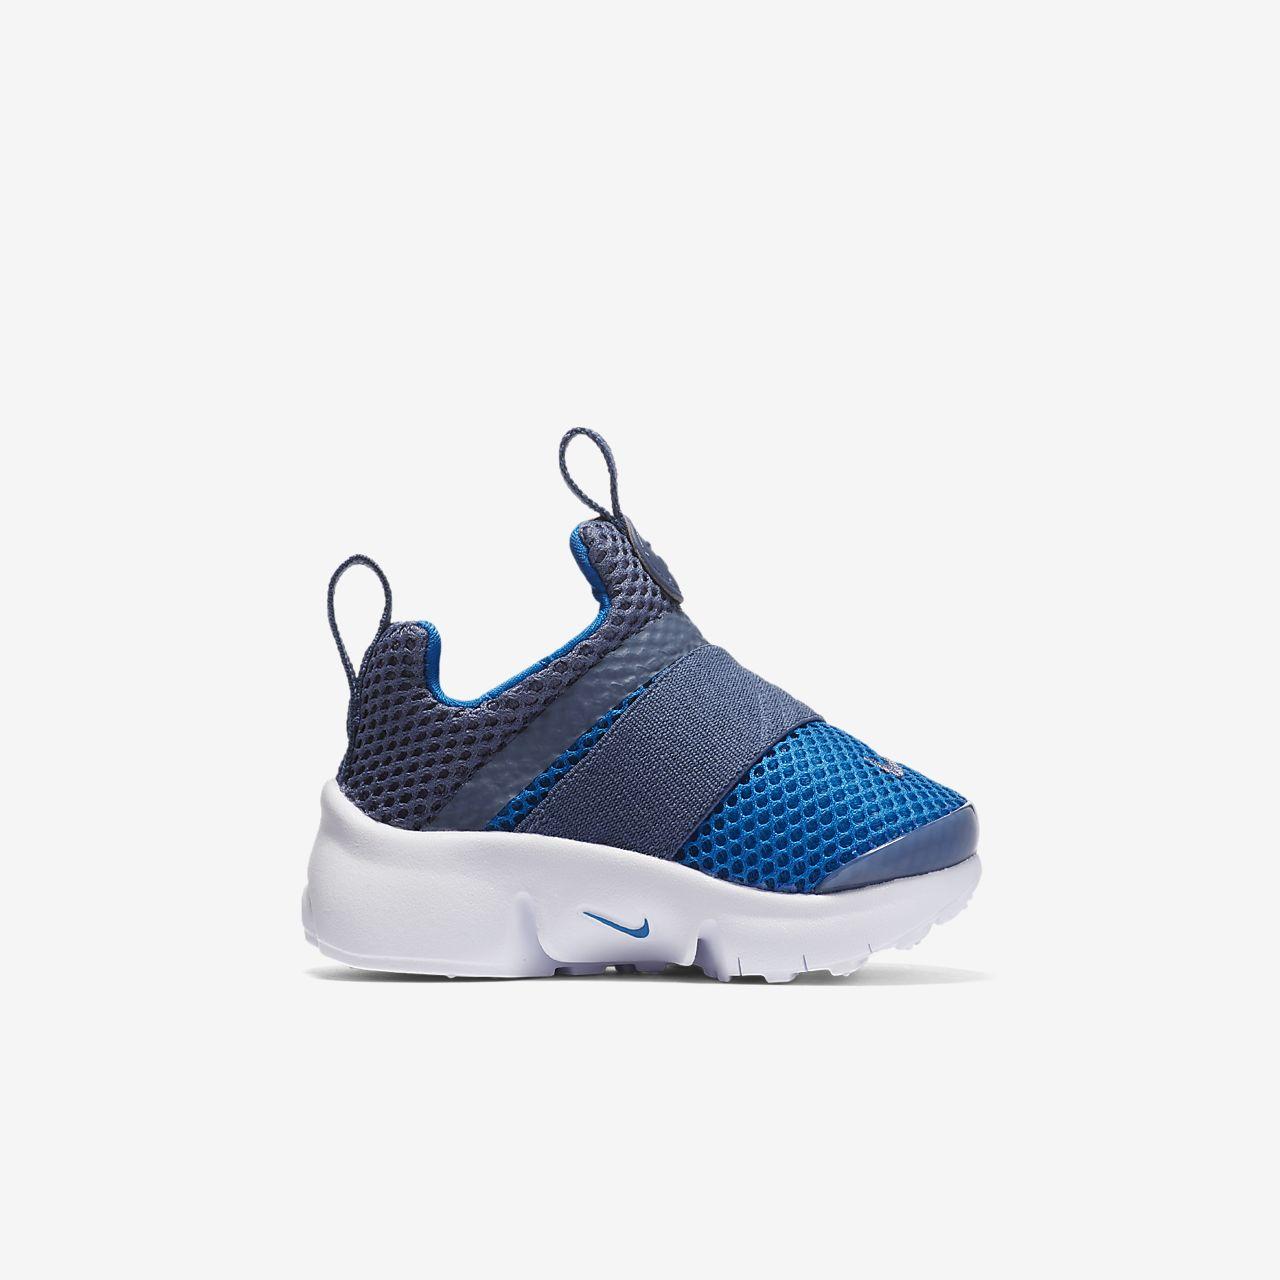 ... Nike Presto Extreme Infant/Toddler Shoe